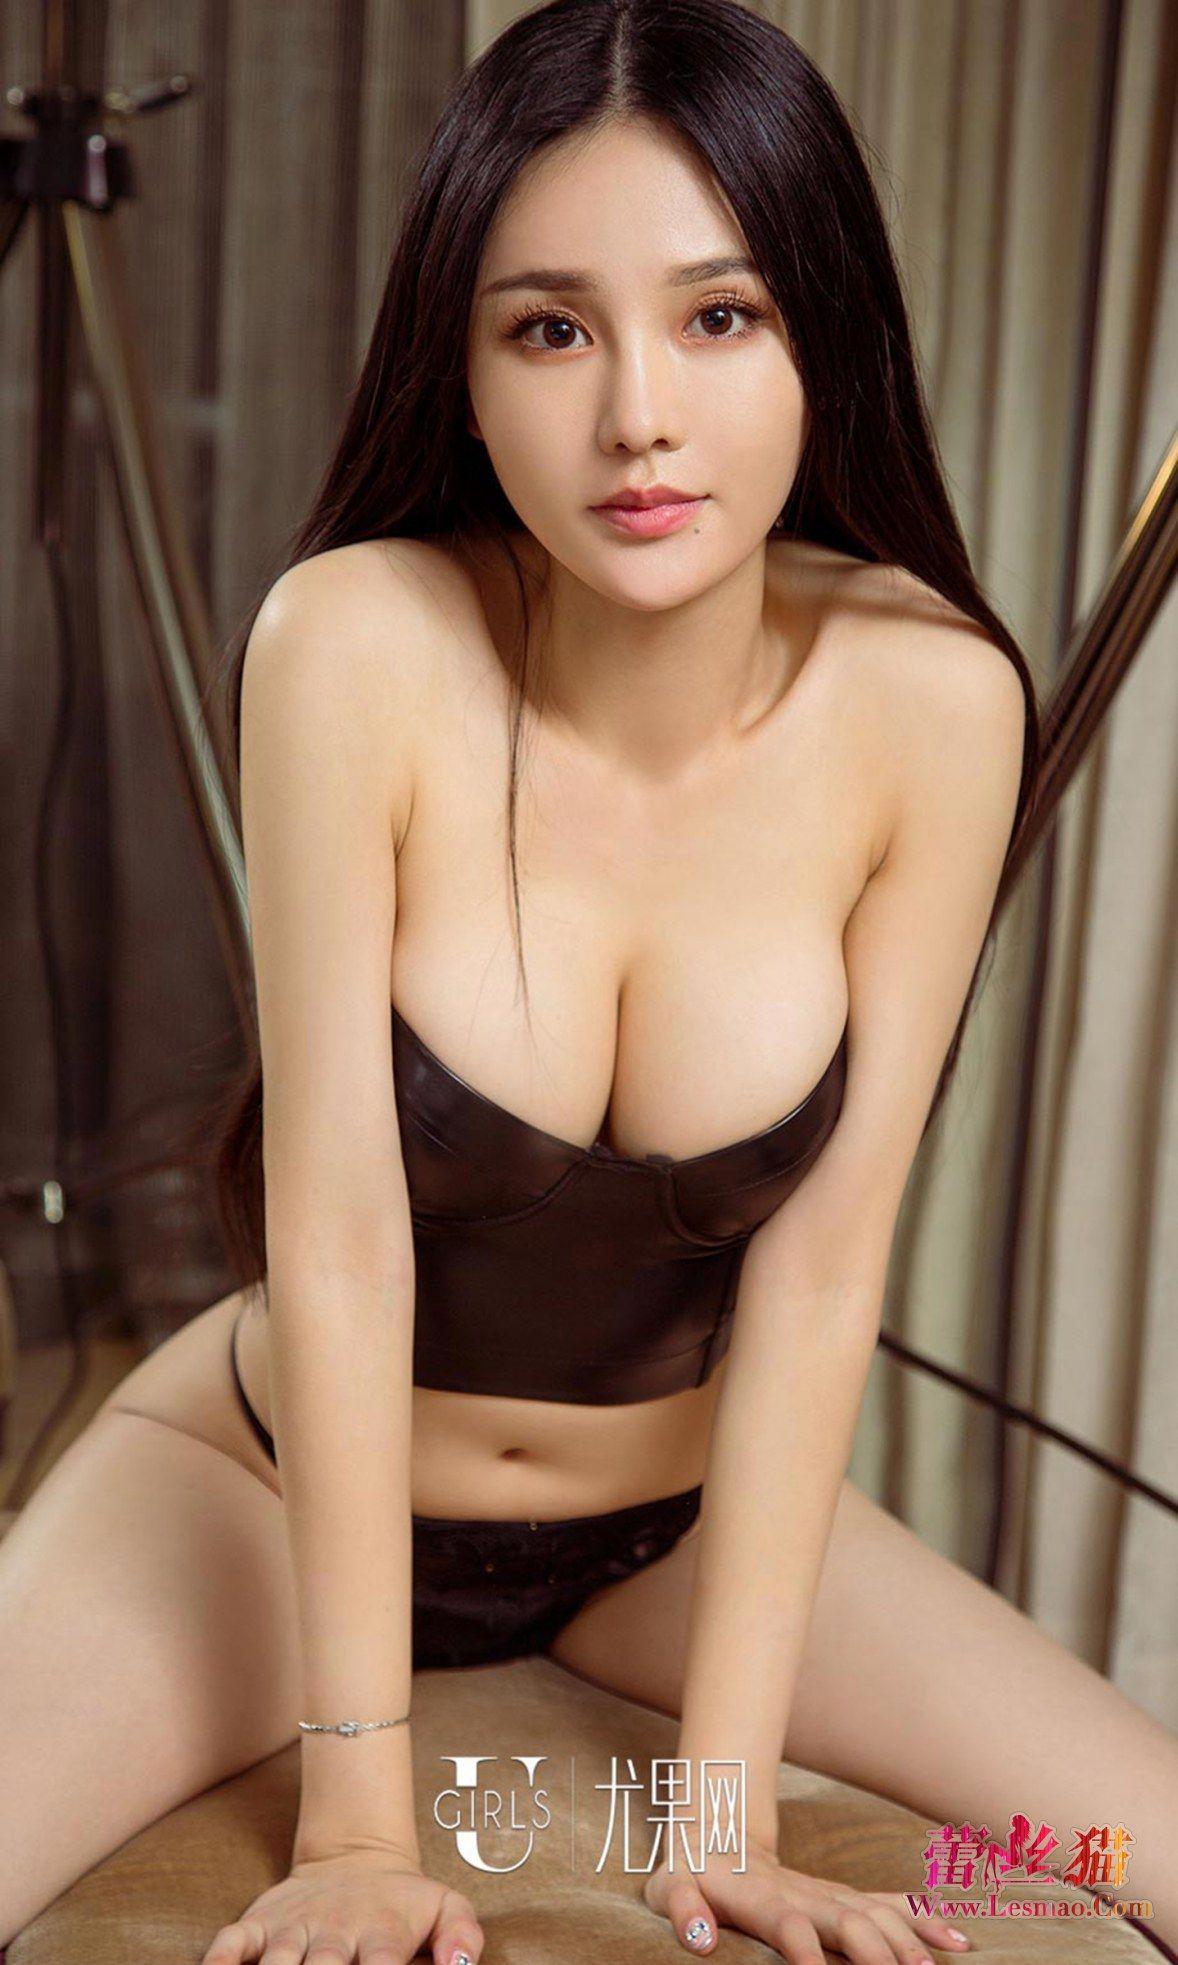 Biggi bardot nude